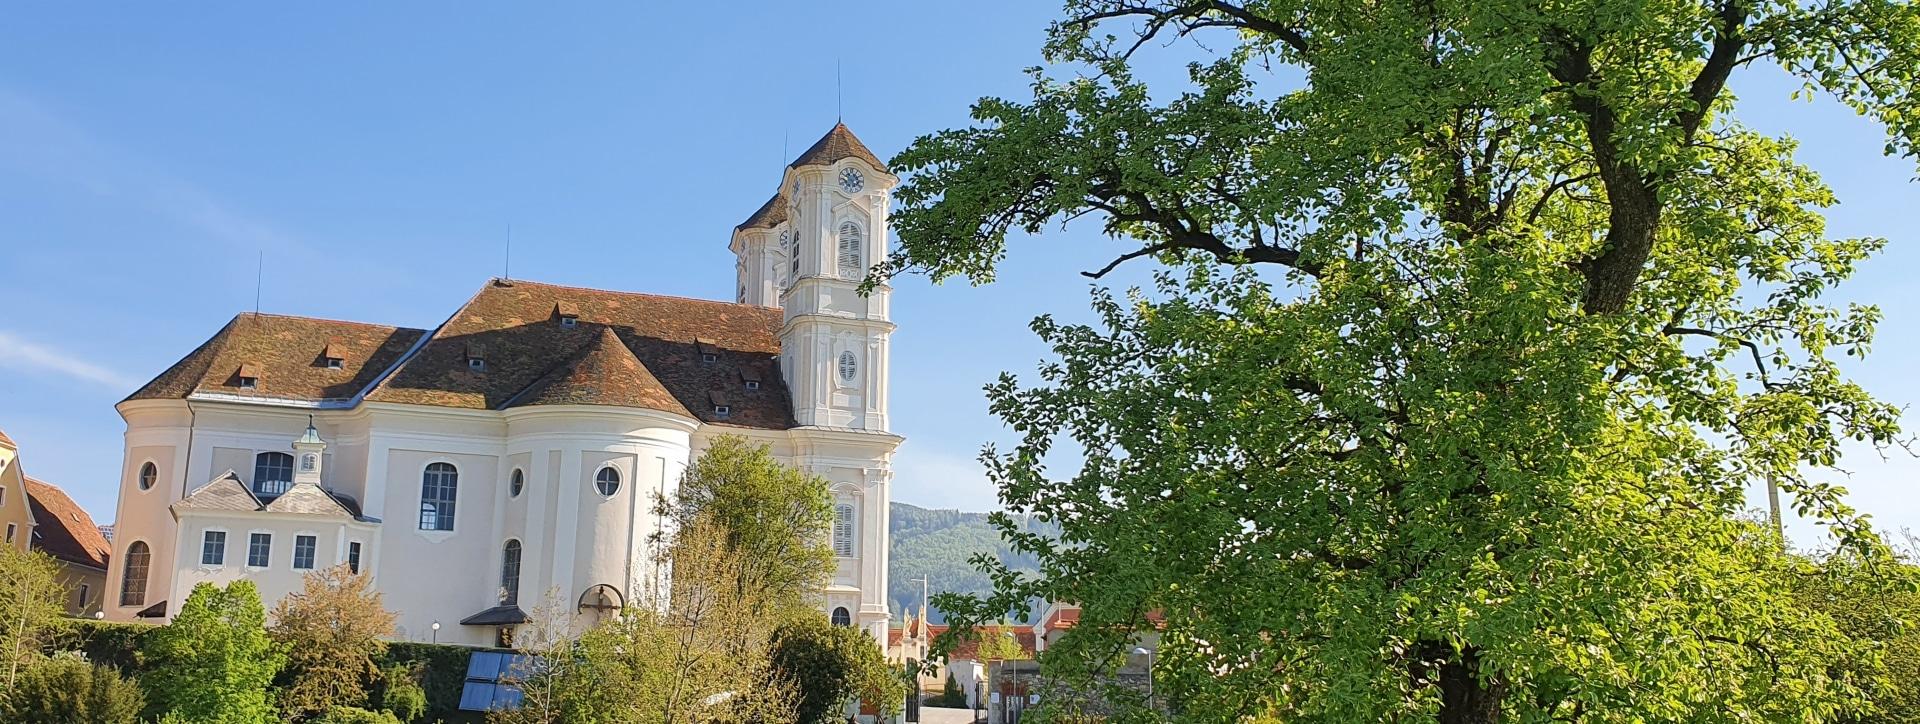 Basilika Weizberg